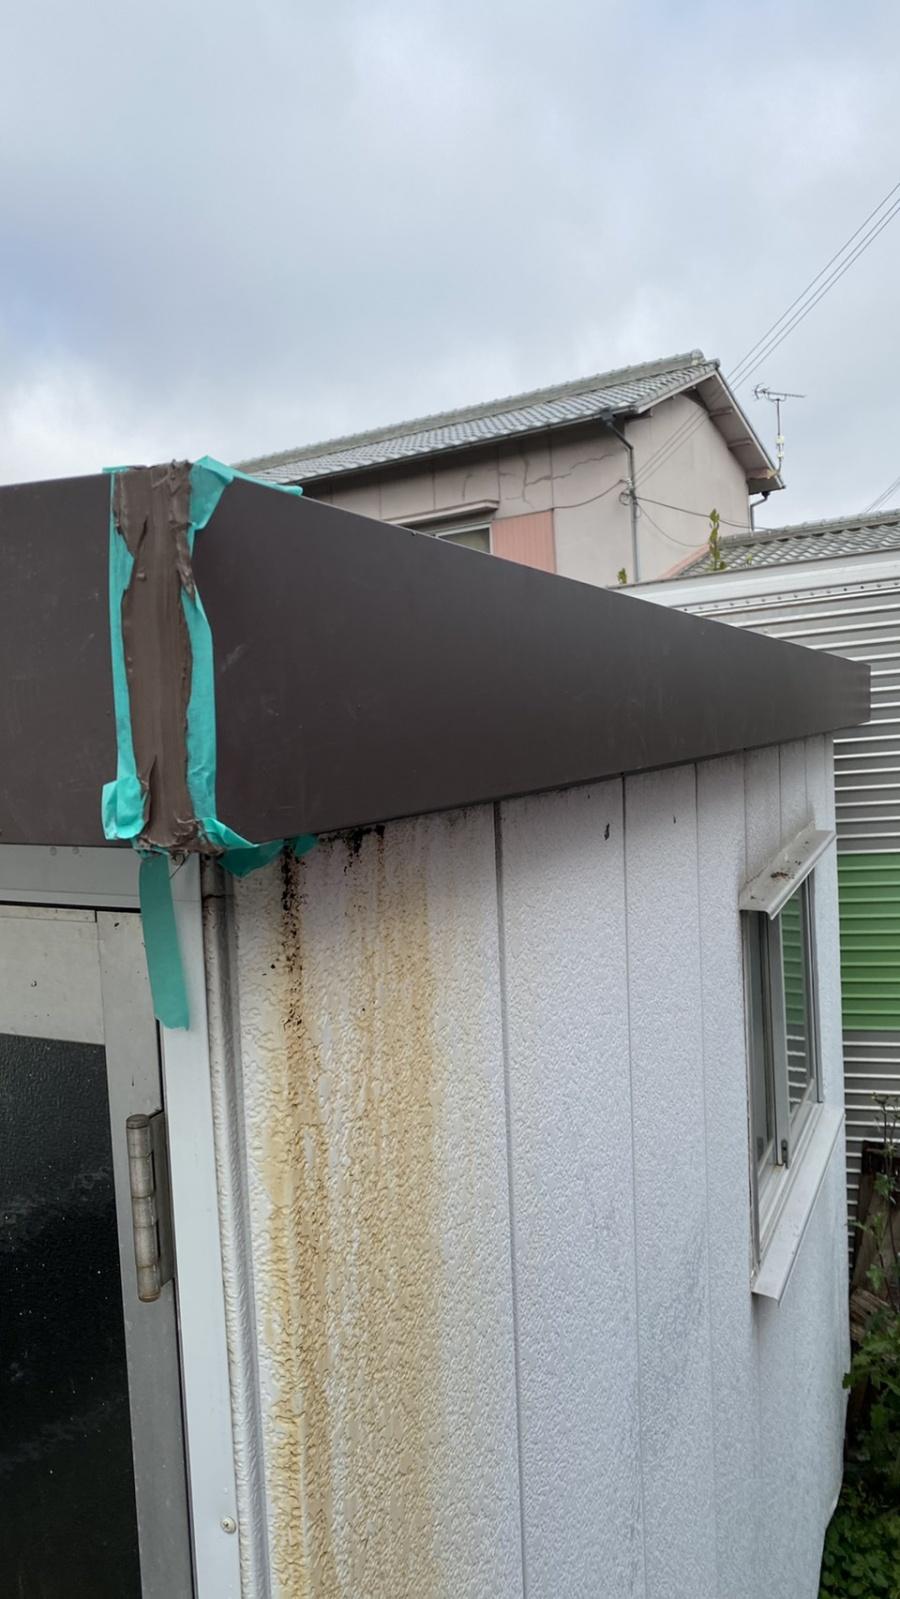 三木市での外壁修理で幕板の端部にコーキングをしている様子